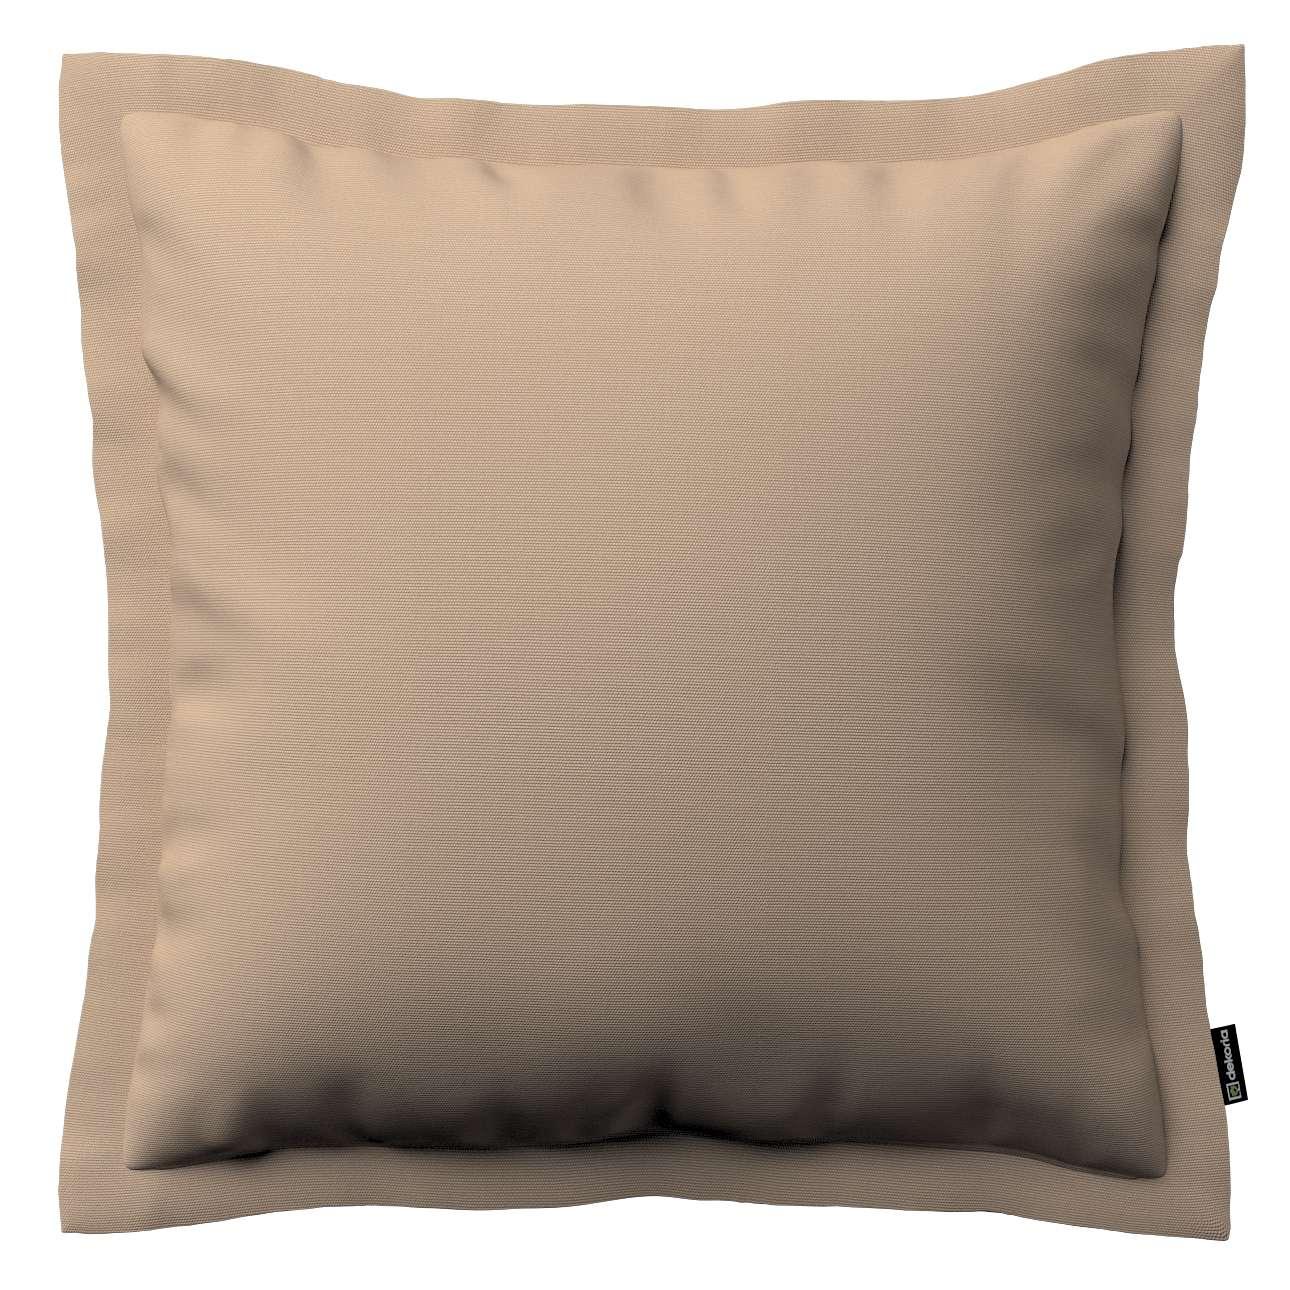 Kissenhülle Mona mit Stehsaum 45 x 45 cm von der Kollektion Cotton Panama, Stoff: 702-28